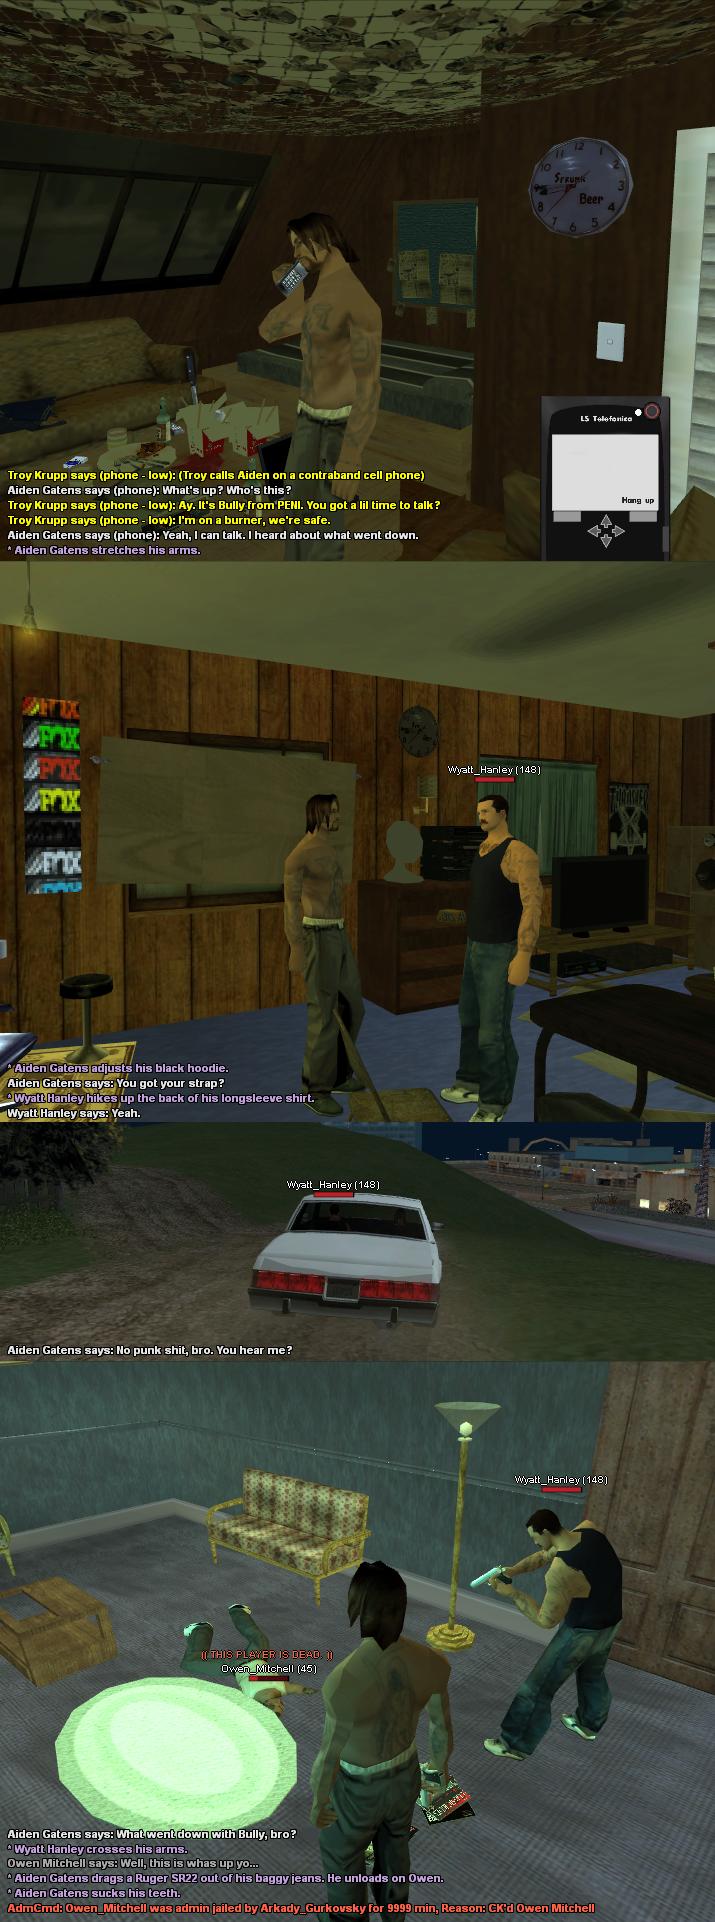 Family Wood Gangsters (FWG) - Los Santos Roleplay